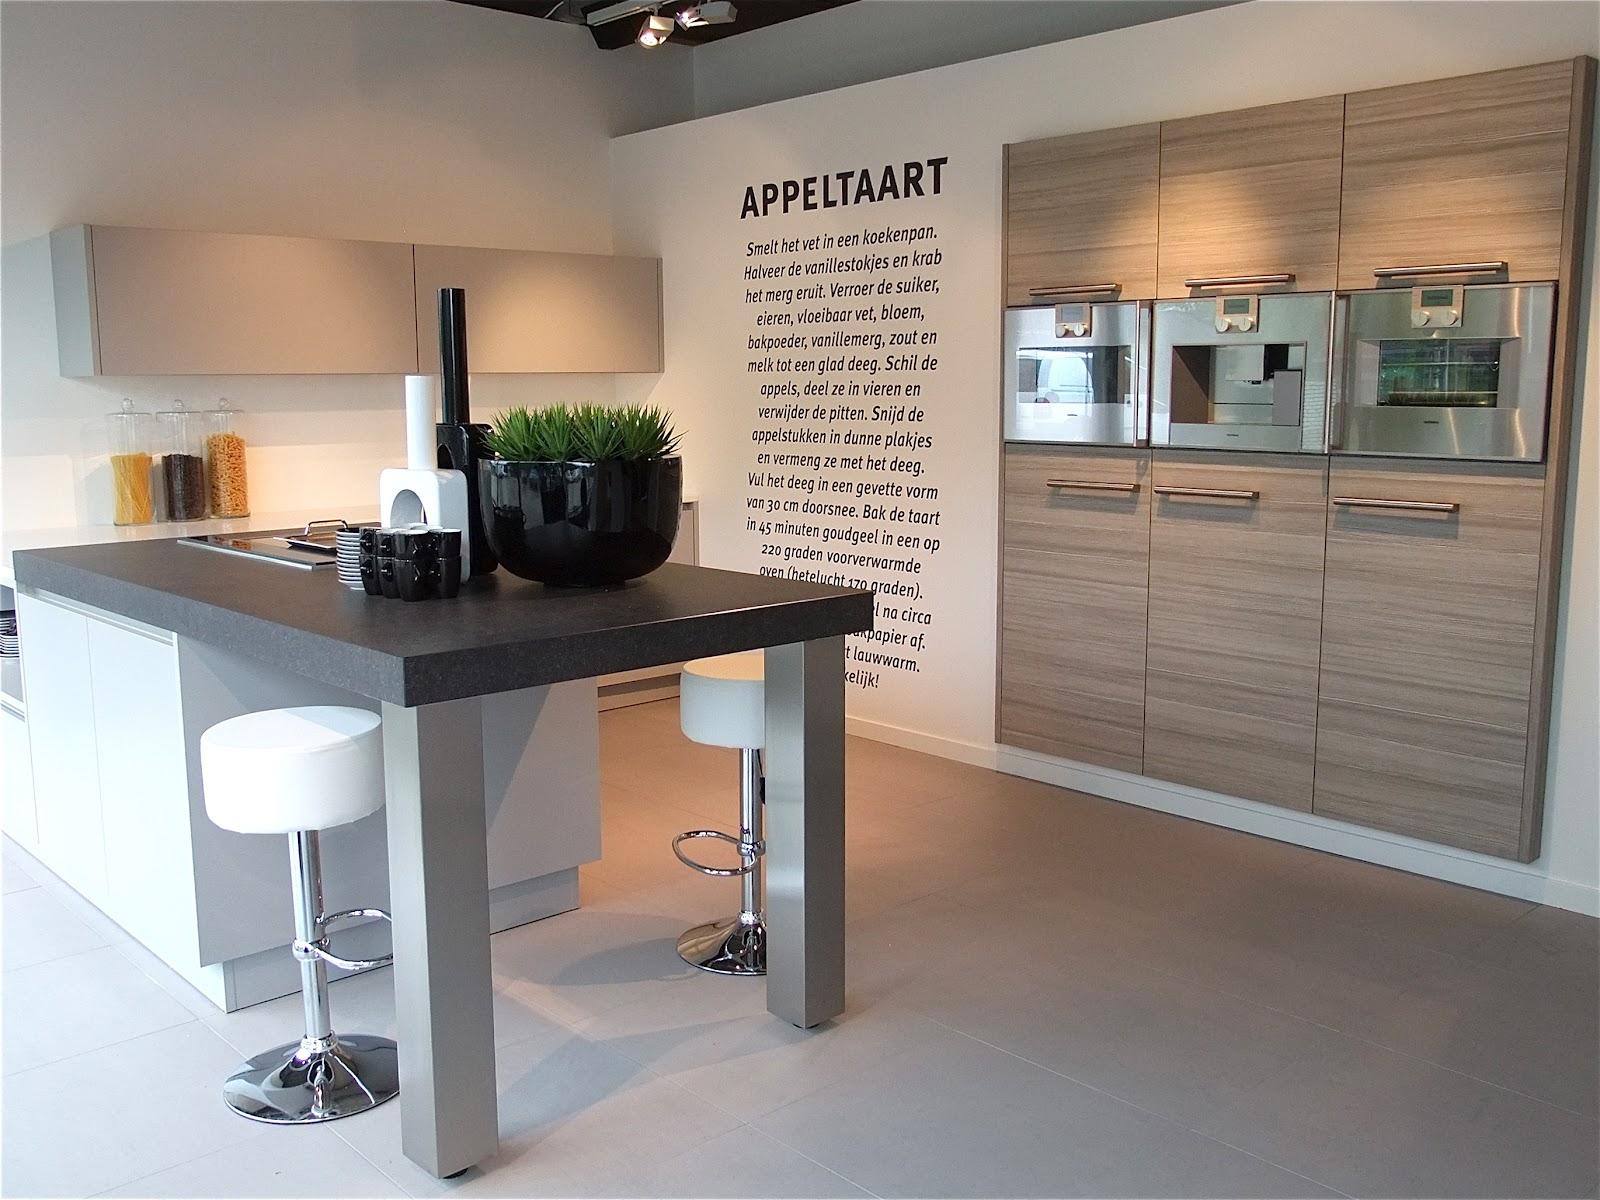 Voortman Keukens Inspiratie : Voortman keukens keukenvision bunnik beeldverslag